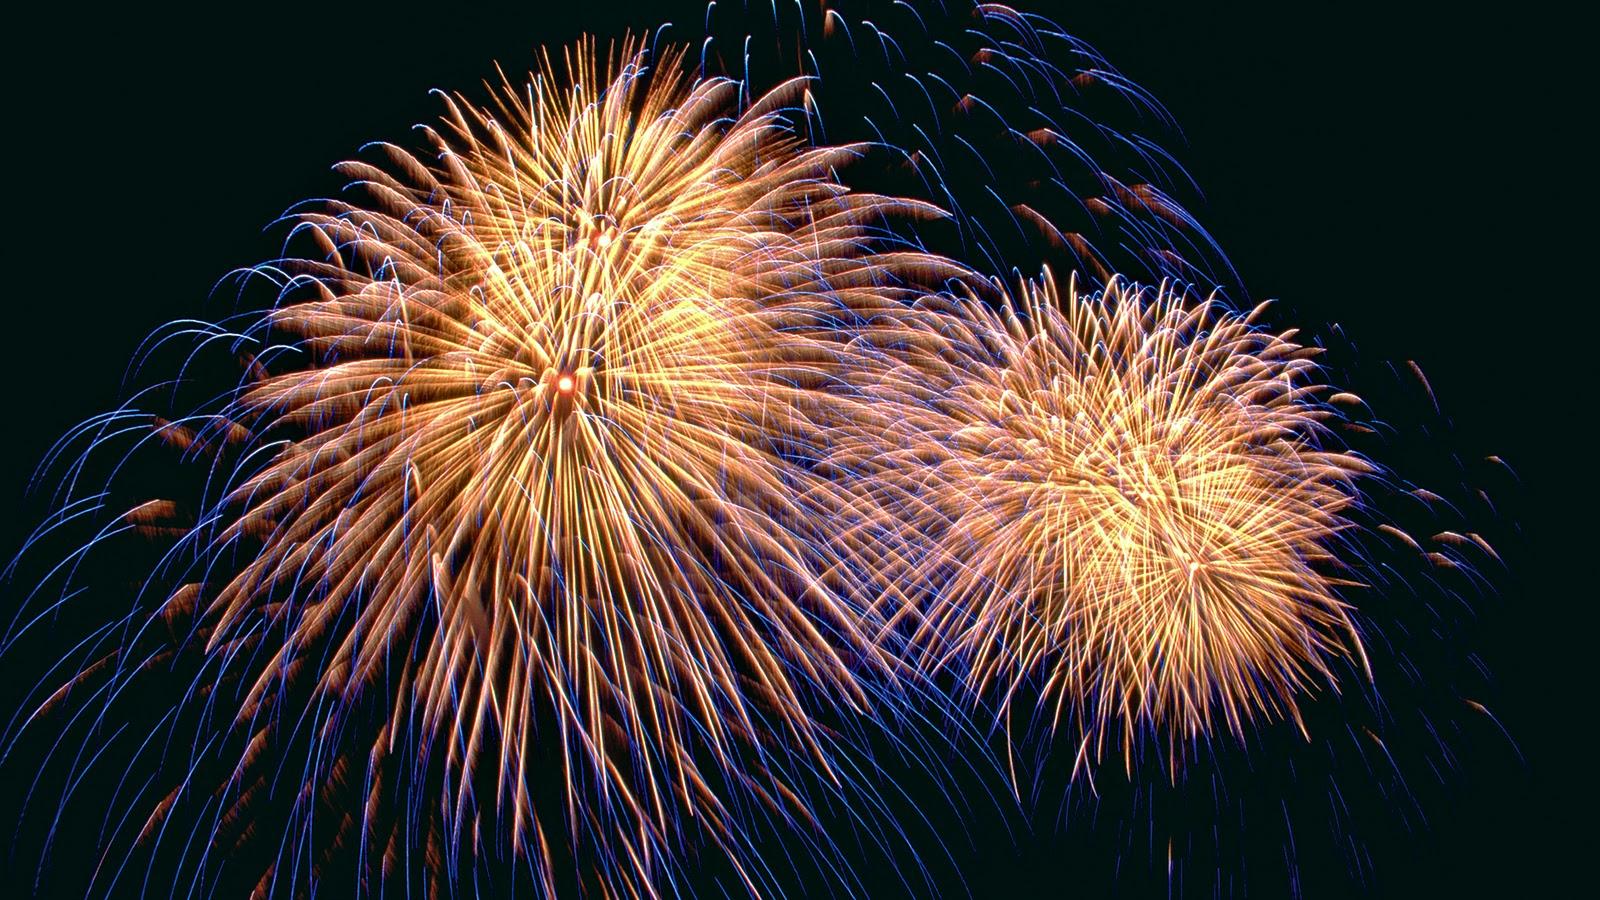 fireworks-hd-wallpaper